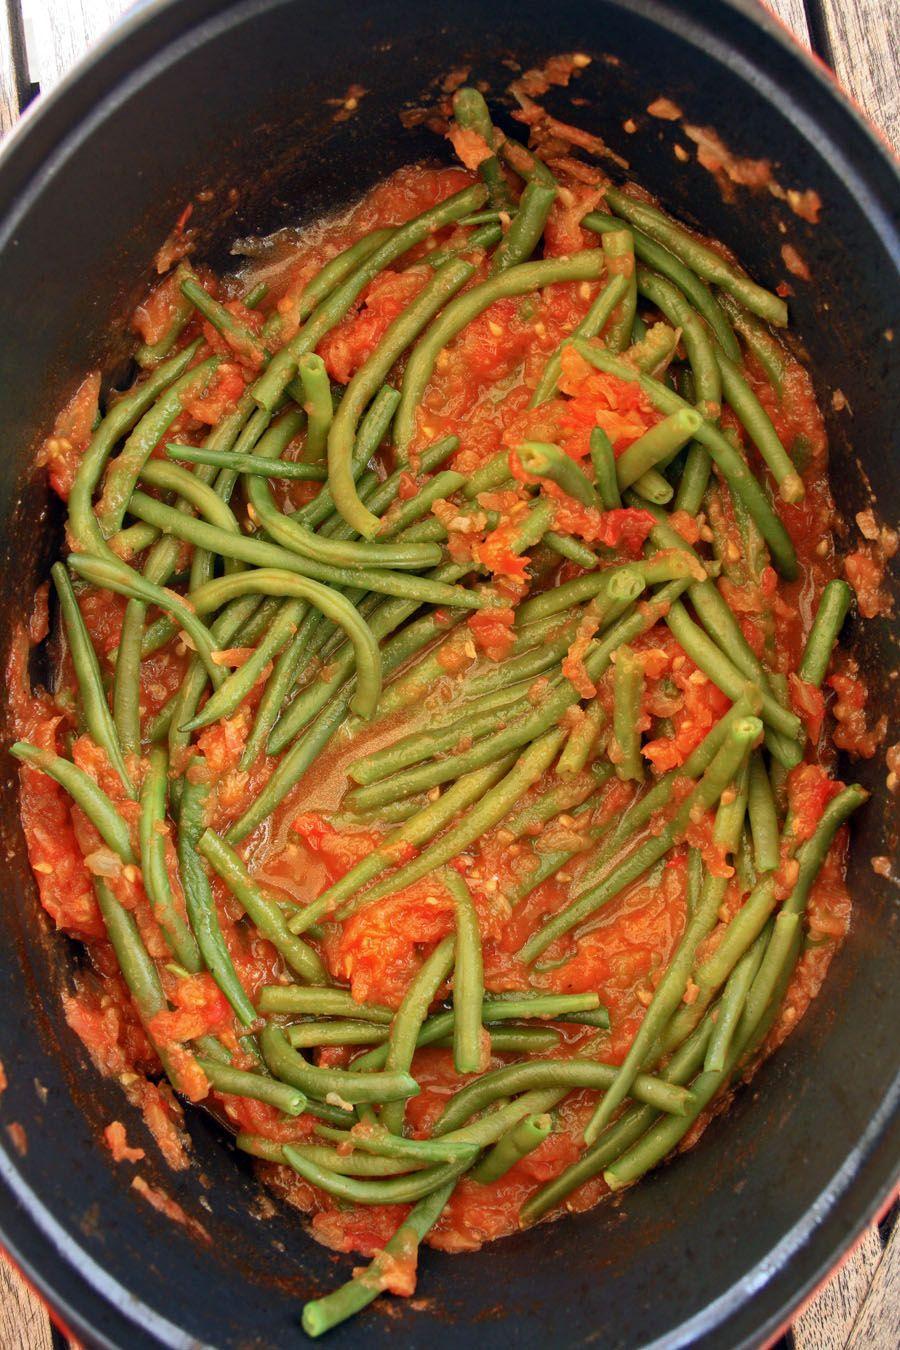 haricot vert sauce tomate aux anchois Recettes Britanniques, Recettes  Irlandaises, Recettes Anglaises, Cuisine